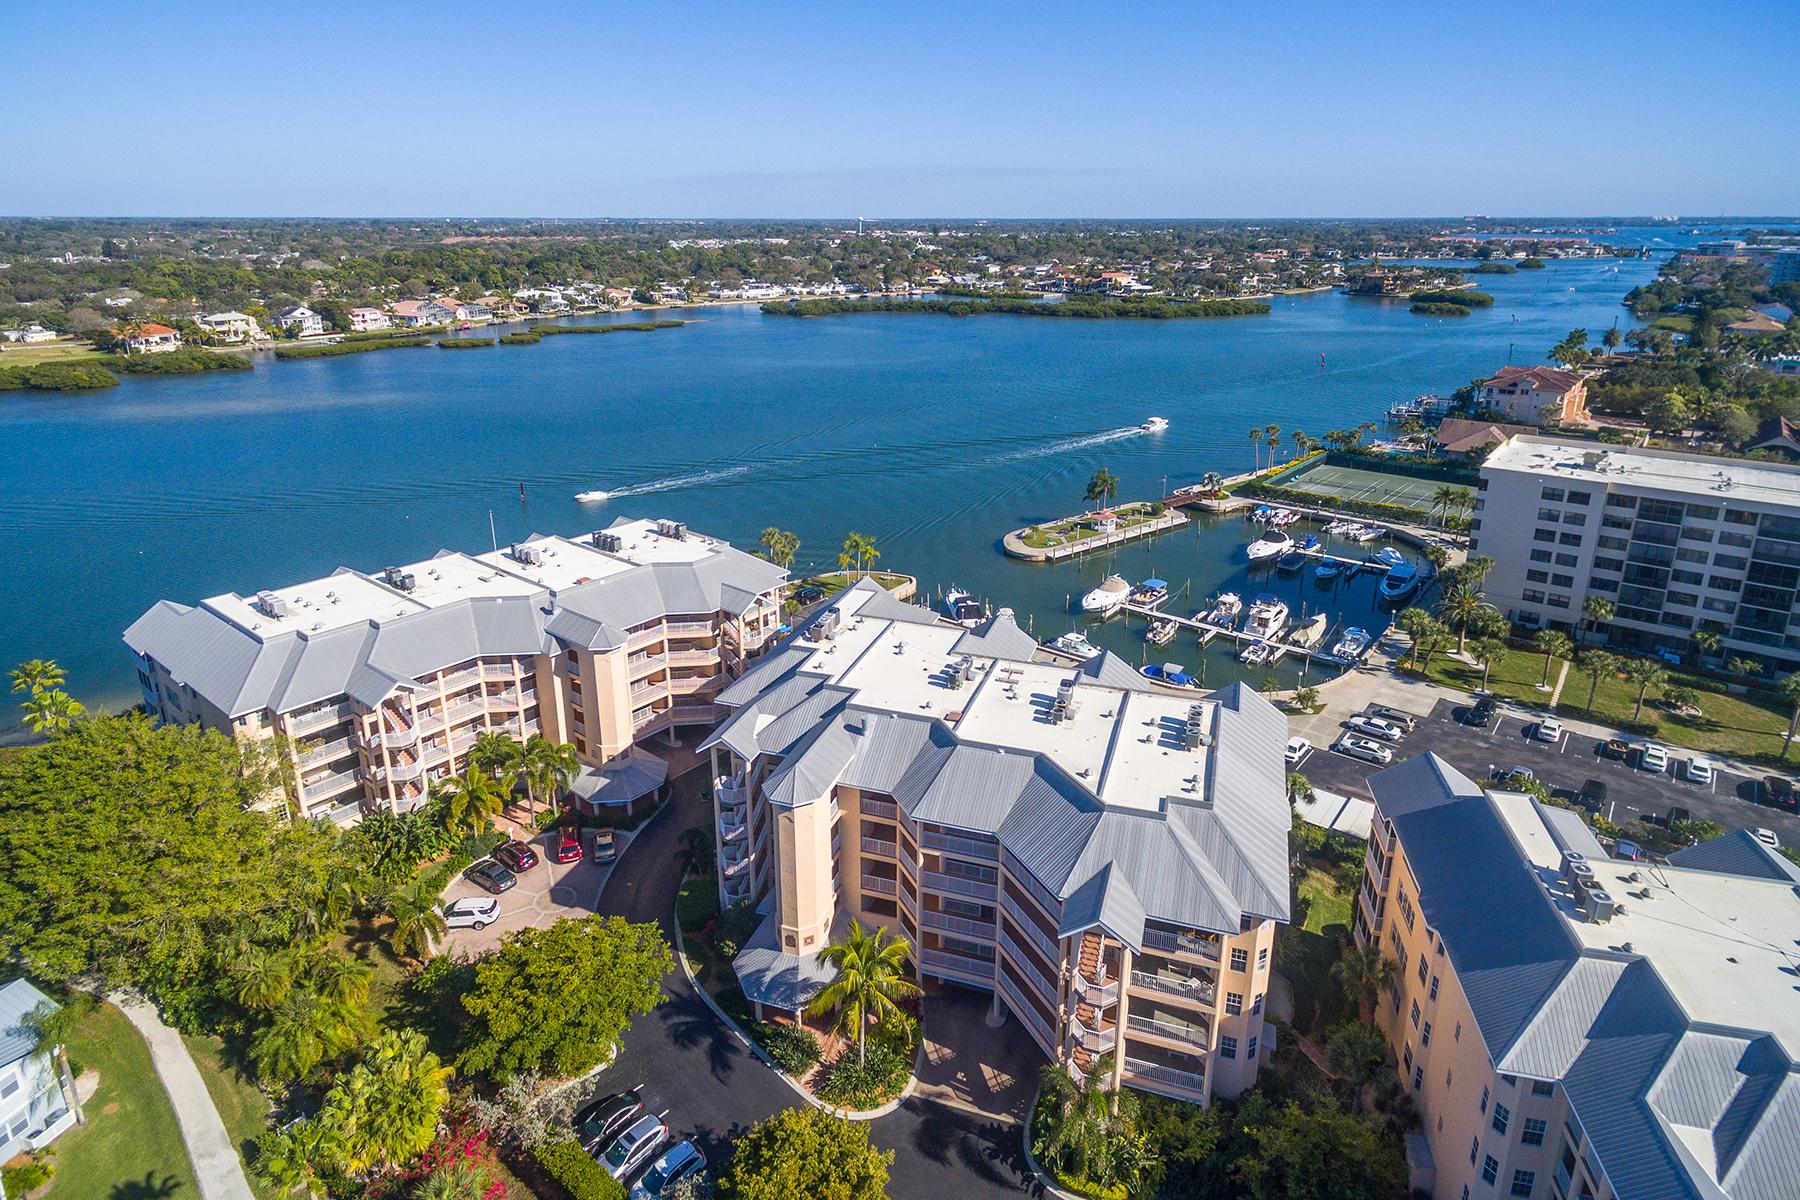 Nhà chung cư vì Bán tại SIESTA KEY 1240 Dolphin Bay Way 201 Sarasota, Florida, 34242 Hoa Kỳ